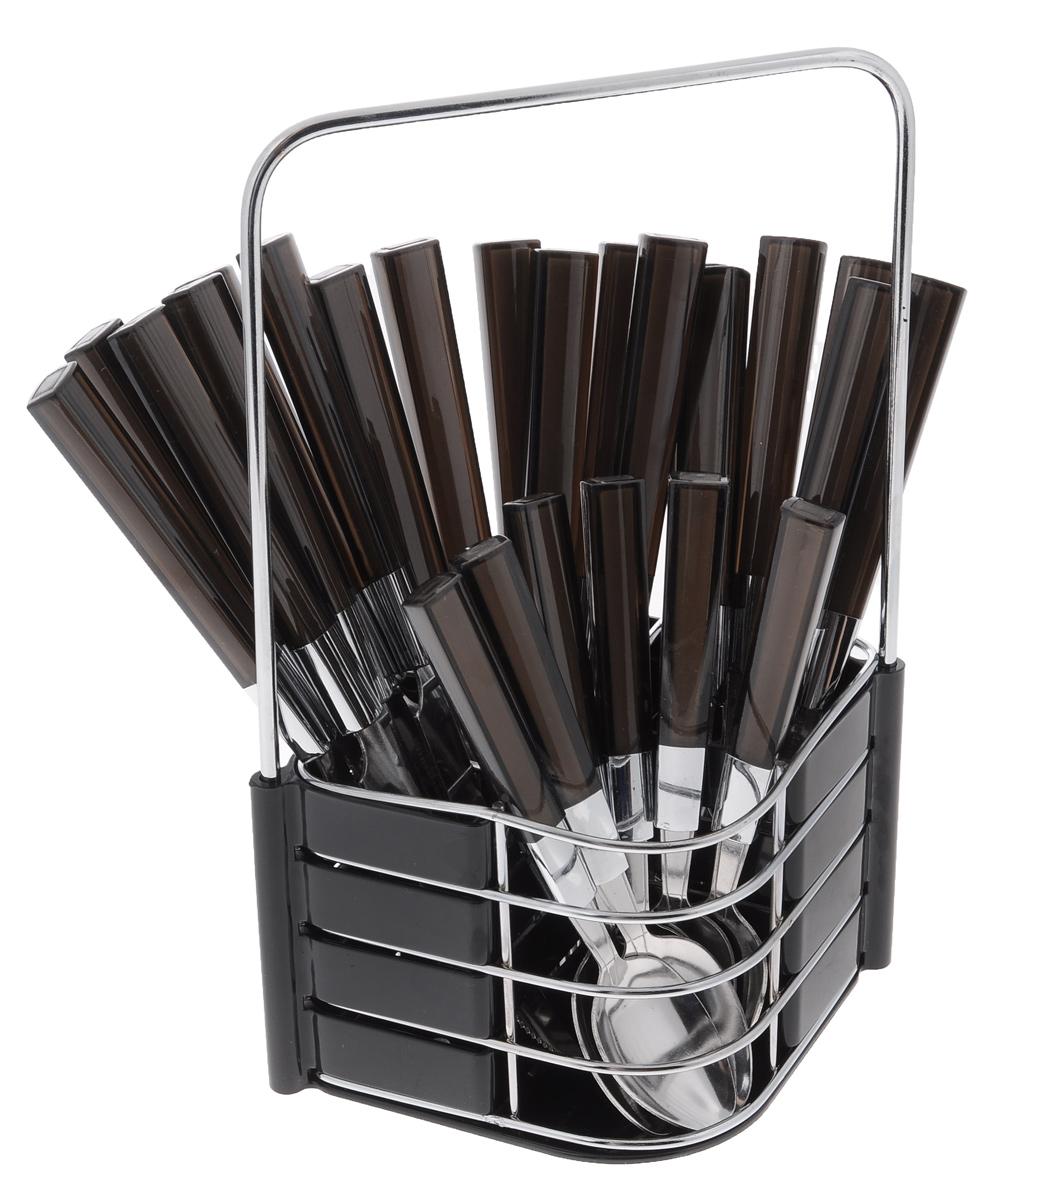 Набор столовых приборов Mayer&Boch, цвет: черный, 25 предметов. 2324123241_черныйНабор столовых приборов Mayer & Boch выполнен из нержавеющей стали и высококачественного пластика. В набор входит 25 предметов: 6 столовых ножей, 6 столовых вилок, 6 столовых ложек, 6 чайных ложек и подставка. Приборы имеют оригинальные удобные ручки, выполненные из пластика. Прекрасное сочетание свежего дизайна и удобство использования предметов набора придется по душе каждому. Предметы набора расположены на подставке, выполненной из металла с пластиковыми вставками. Набор столовых приборов Mayer & Boch подойдет для сервировки стола, как дома, так и на даче и всегда будет важной частью трапезы, а также станет замечательным подарком.Длина столовых ножей: 22 см.Длина столовых вилок: 20 см.Длина столовых ложек: 19,5 см.Длина чайных ложек: 16 см.Размер подставки: 17,5 см х 13 см х 26 см.